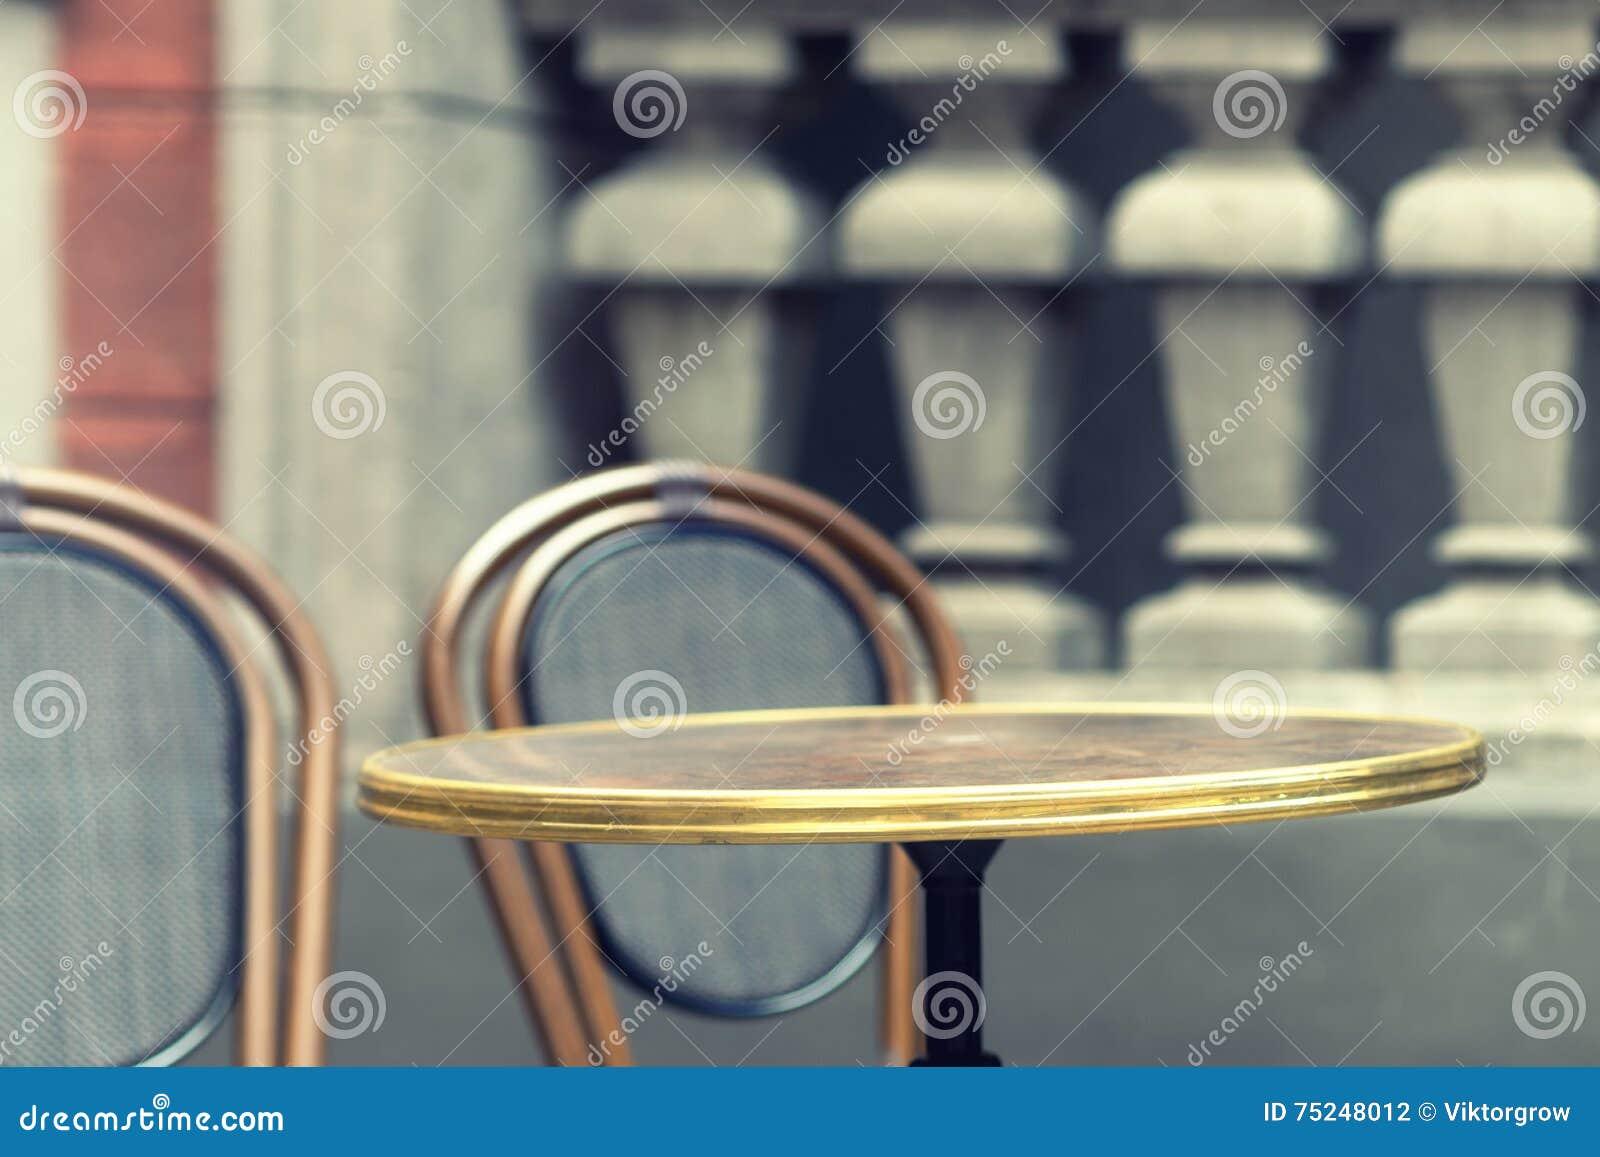 Mesa redonda con una silla en un ambiente del vintage foto for Mesa redonda con sillas